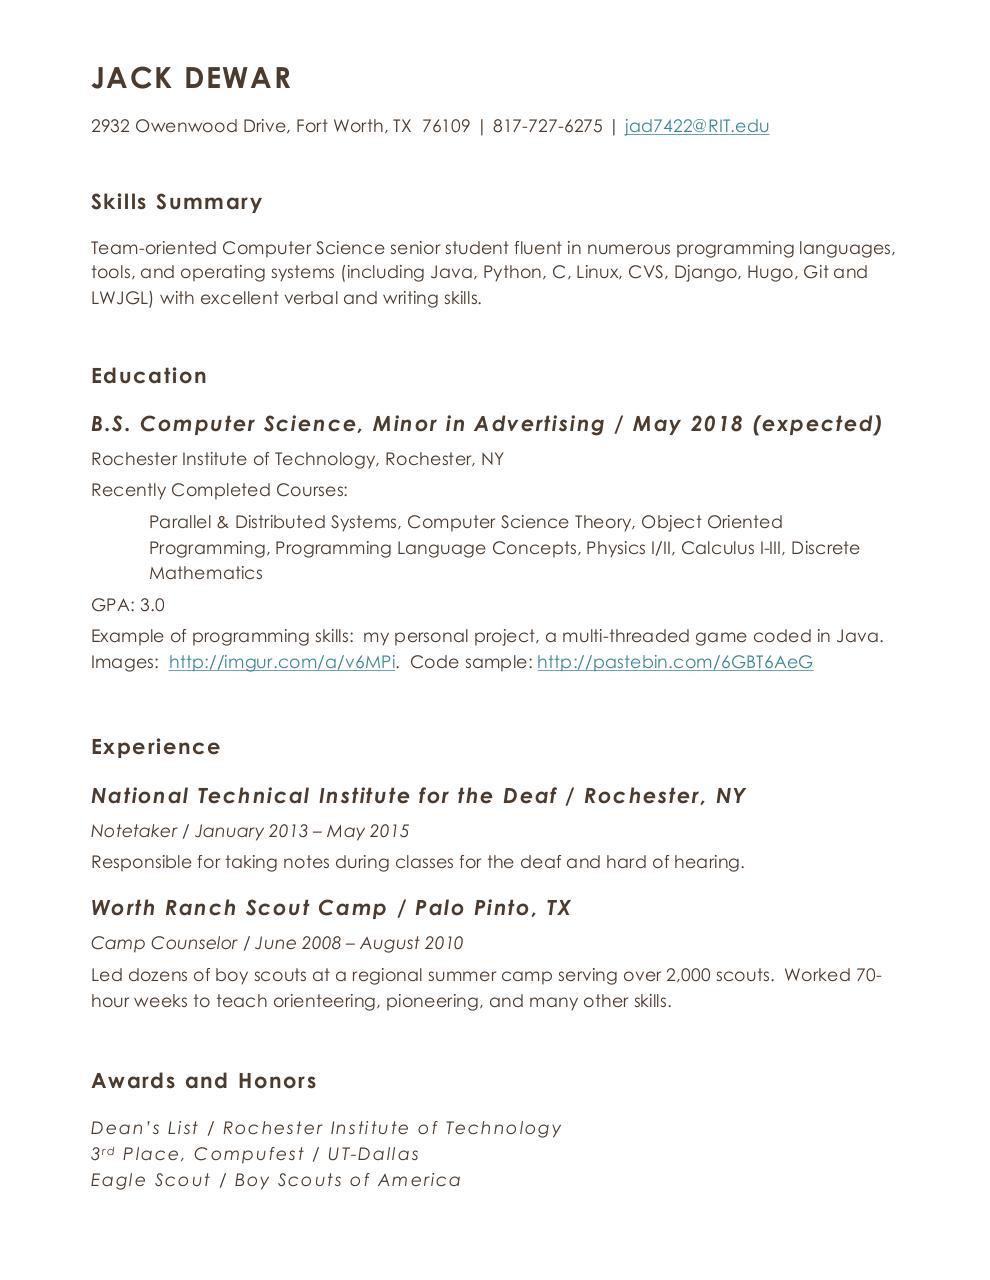 Jack Resume 2017 v3 by John Dewar - Jack Dewar Resume pdf